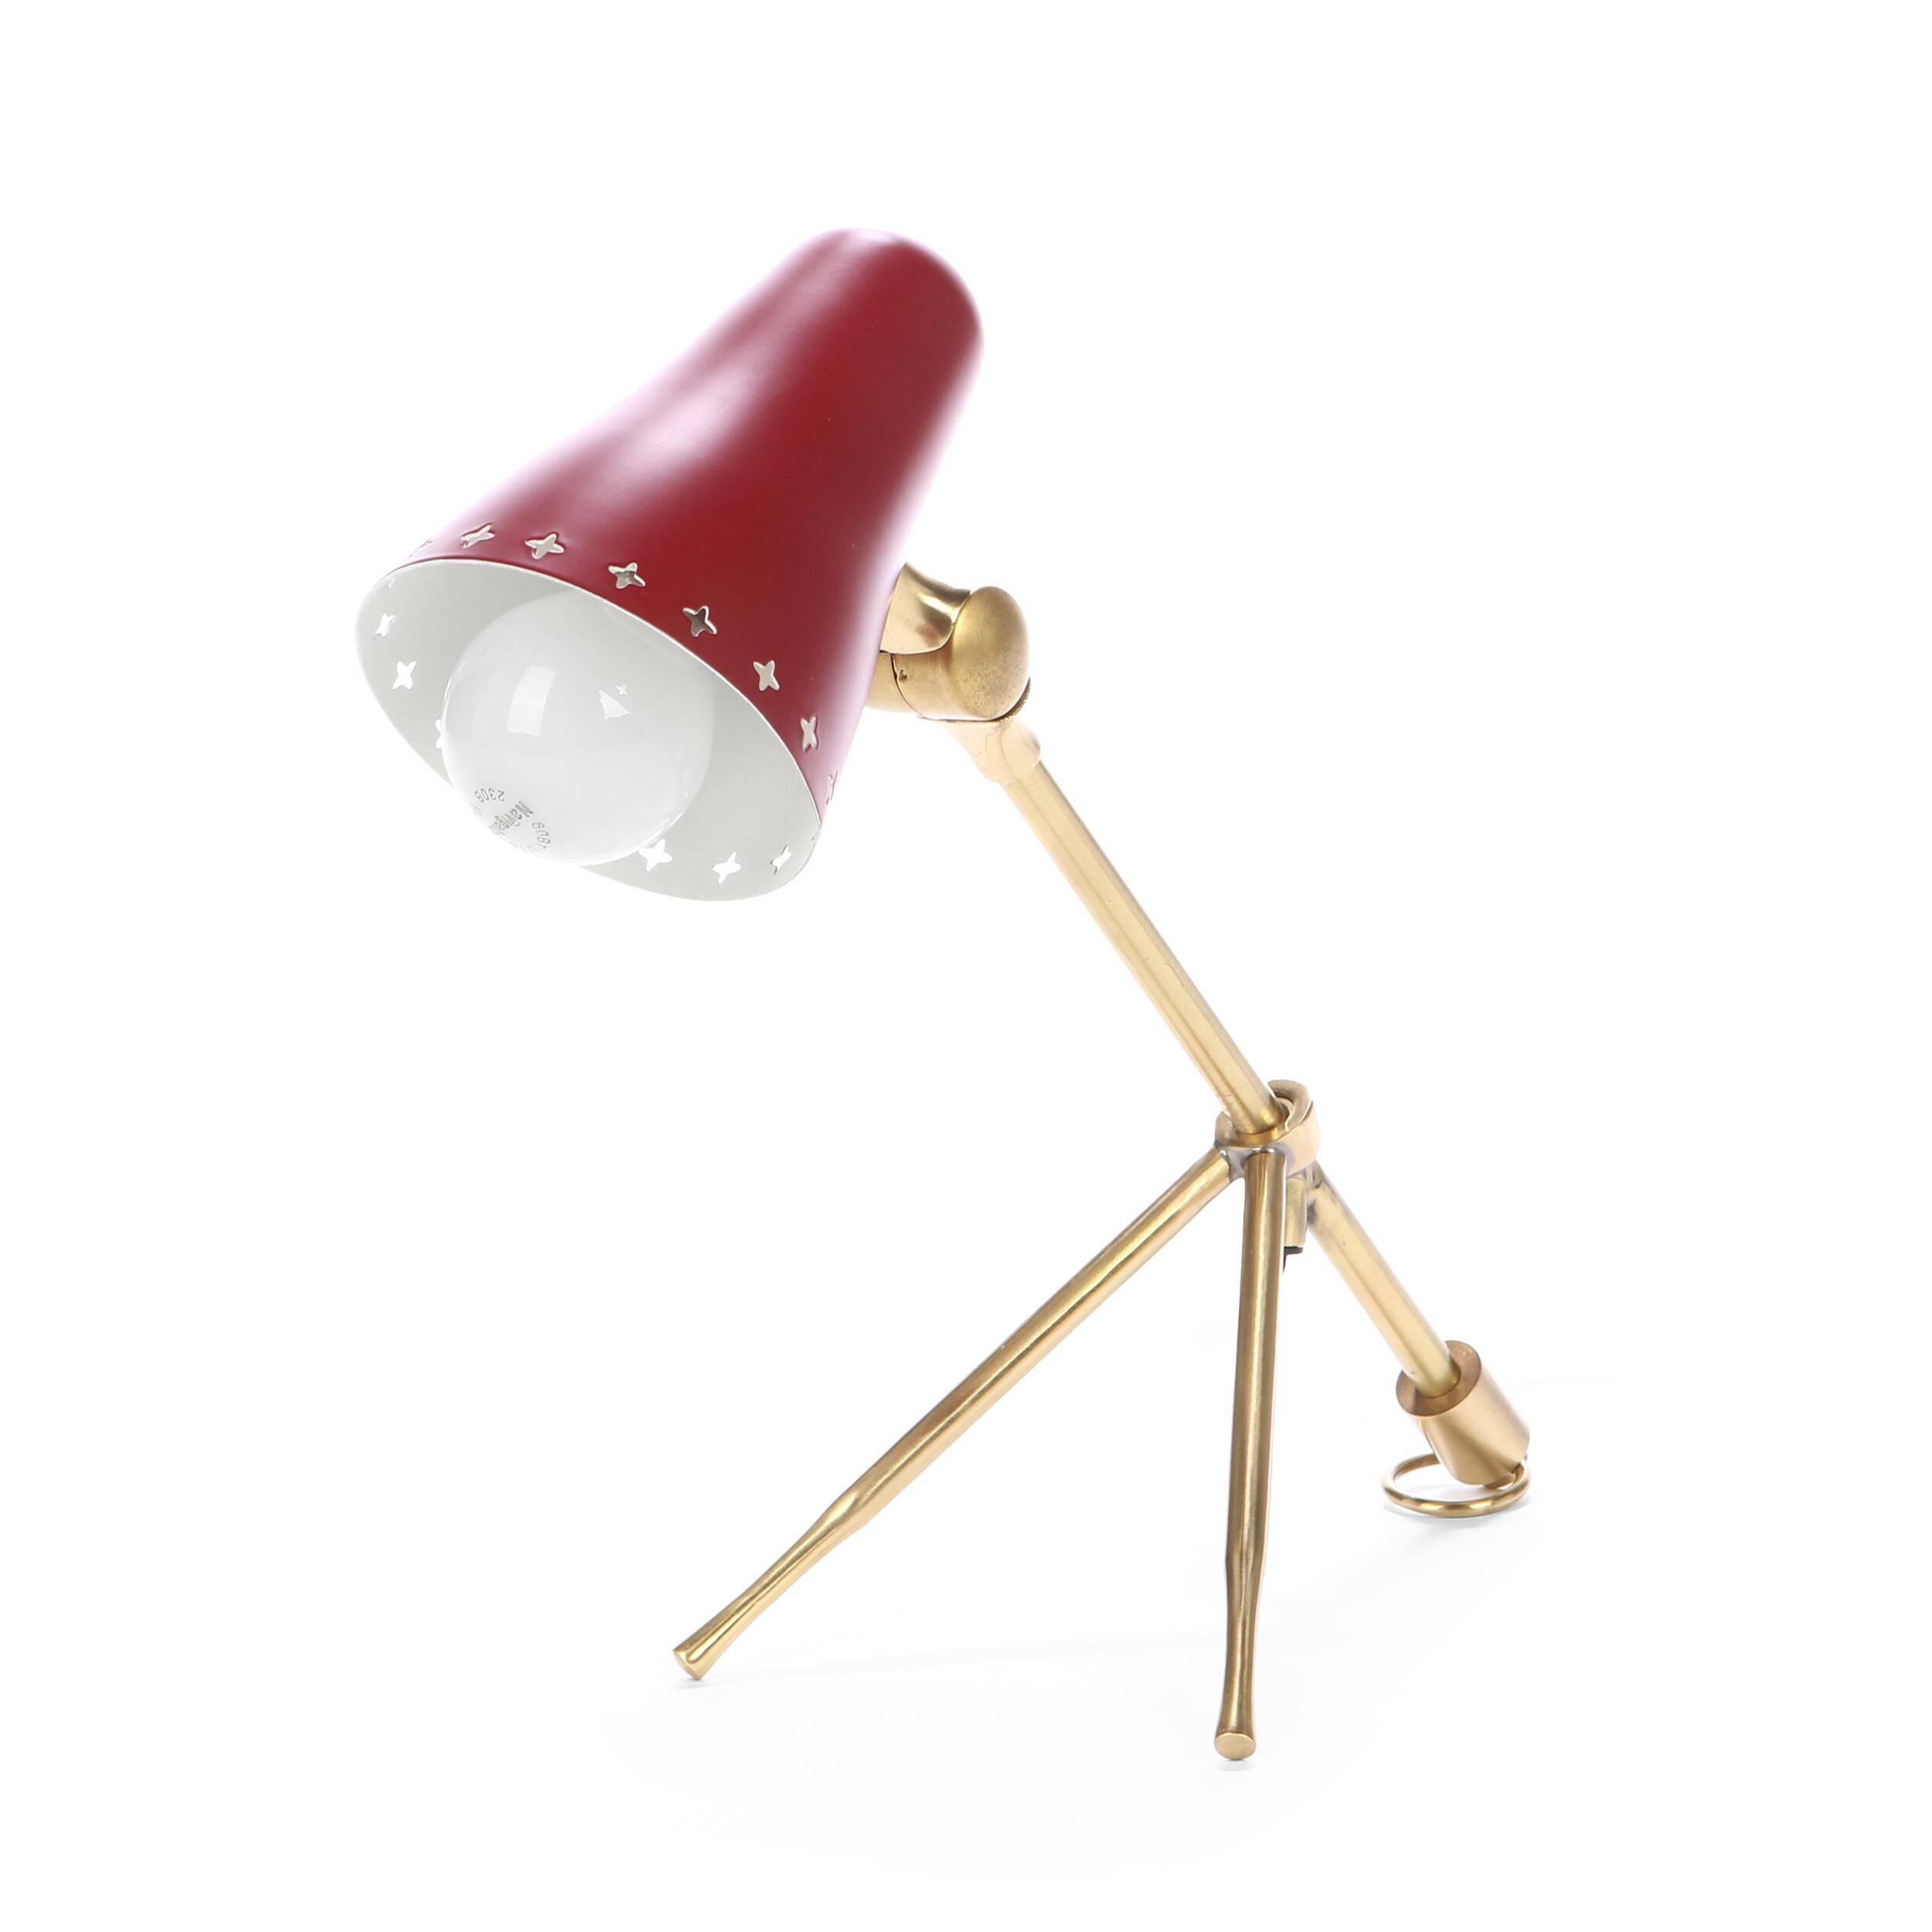 Настольный светильник Cocotte 1Настольные<br>Дизайнерский настольный светильник Cocotte (Кокотте) в стиле модерн на трех ножках от Cosmo.<br><br><br> Настольный светильник Cocotte 1 был создан французским дизайнером Борисом Лакруа в стиле модерн. Художник жил и работал в XX веке, когда в мире дизайна и архитектуры господствовали простота линий и функциональность. Все должно было служить нуждам человека.<br><br><br> Для стиля модерн характерны строгая геометрия линий, отсутствие вычурных деталей, качественные материалы, эксперименты с формой и со...<br><br>stock: 3<br>Высота: 23<br>Диаметр: 12<br>Длина: 35<br>Количество ламп: 1<br>Материал абажура: Алюминий<br>Материал арматуры: Металл<br>Мощность лампы: 40<br>Ламп в комплекте: Нет<br>Напряжение: 220-240<br>Тип лампы/цоколь: E14<br>Цвет абажура: Красный<br>Цвет арматуры: Латунь<br>Цвет провода: Черный